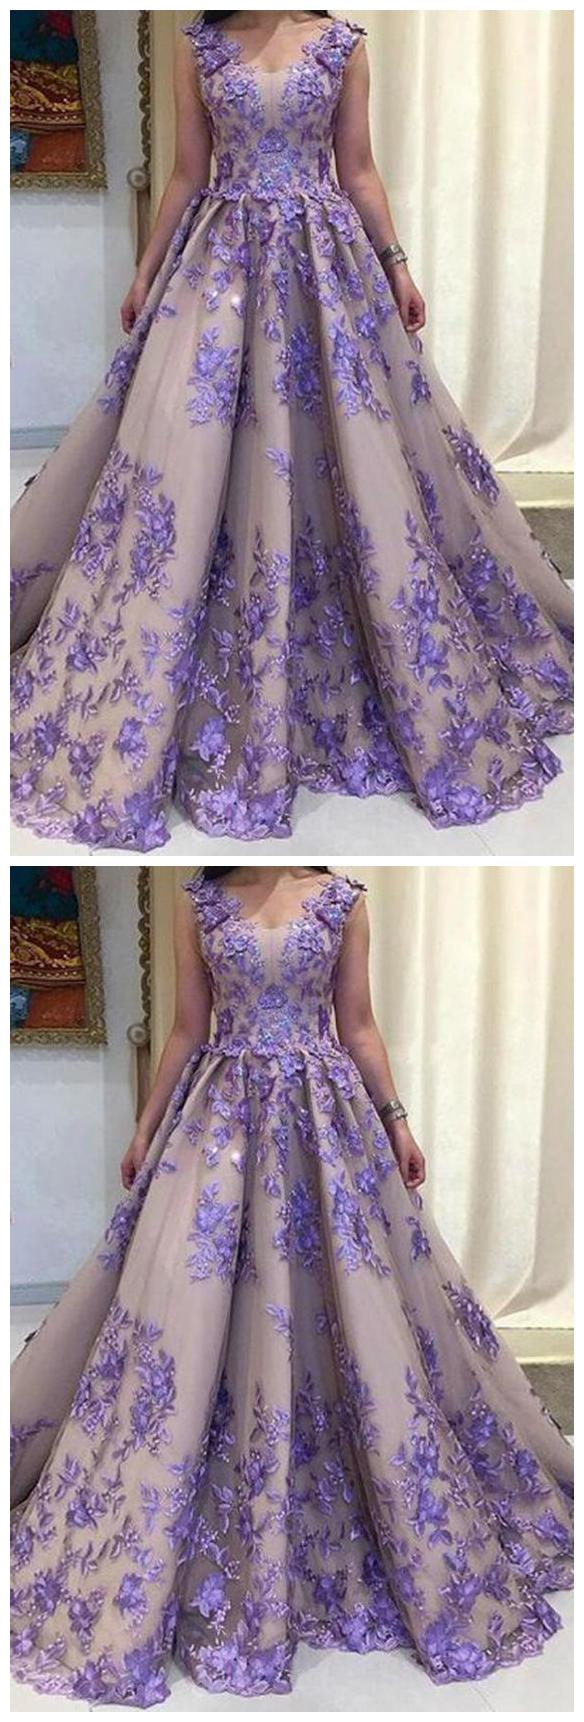 Elegant Sleeveless Flower Appliques Floor Length Long Prom Dress